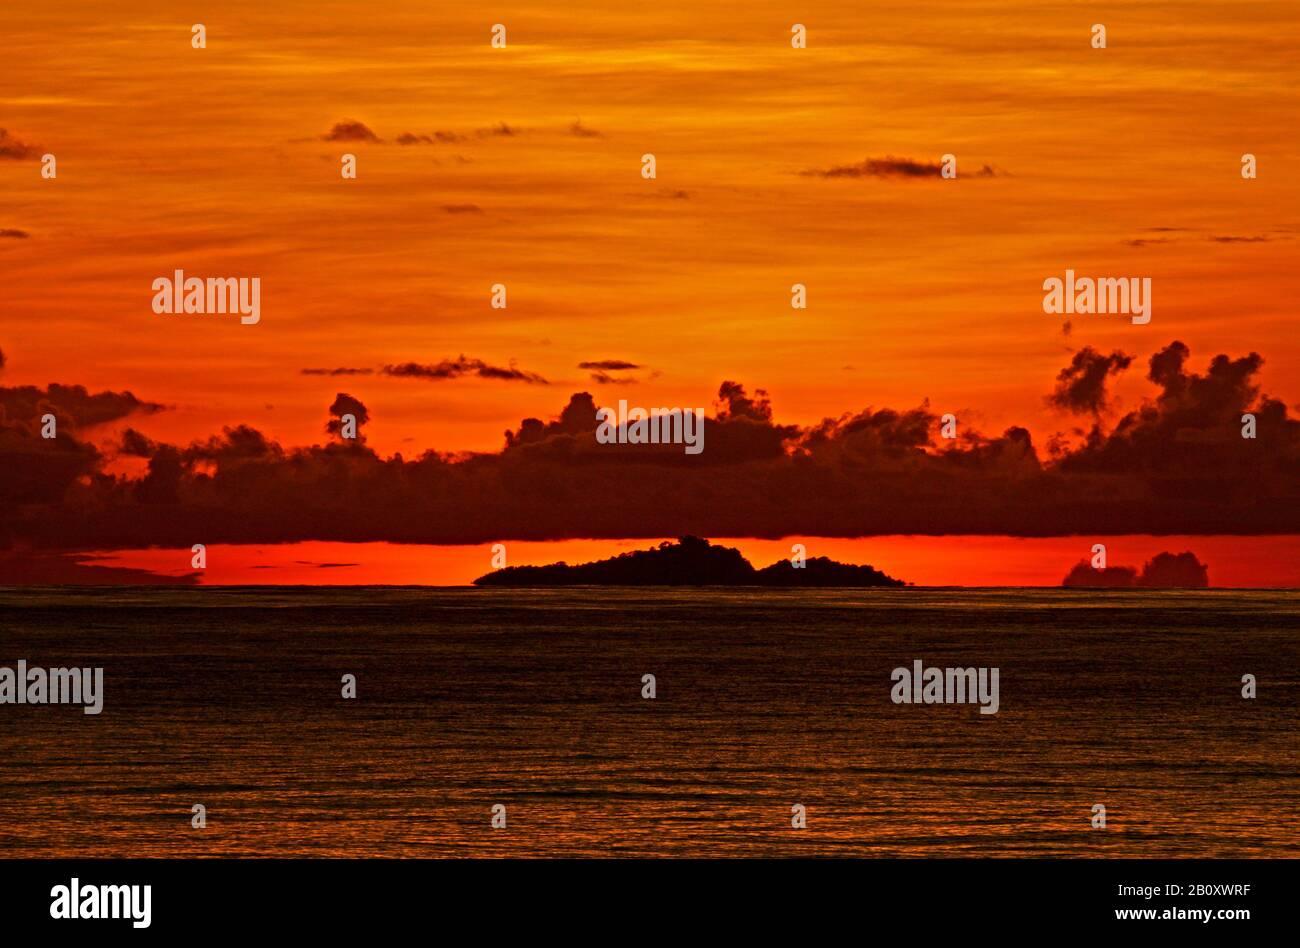 Puesta de sol en el mar entre Solomons y Micronesia, Islas Salomón Foto de stock